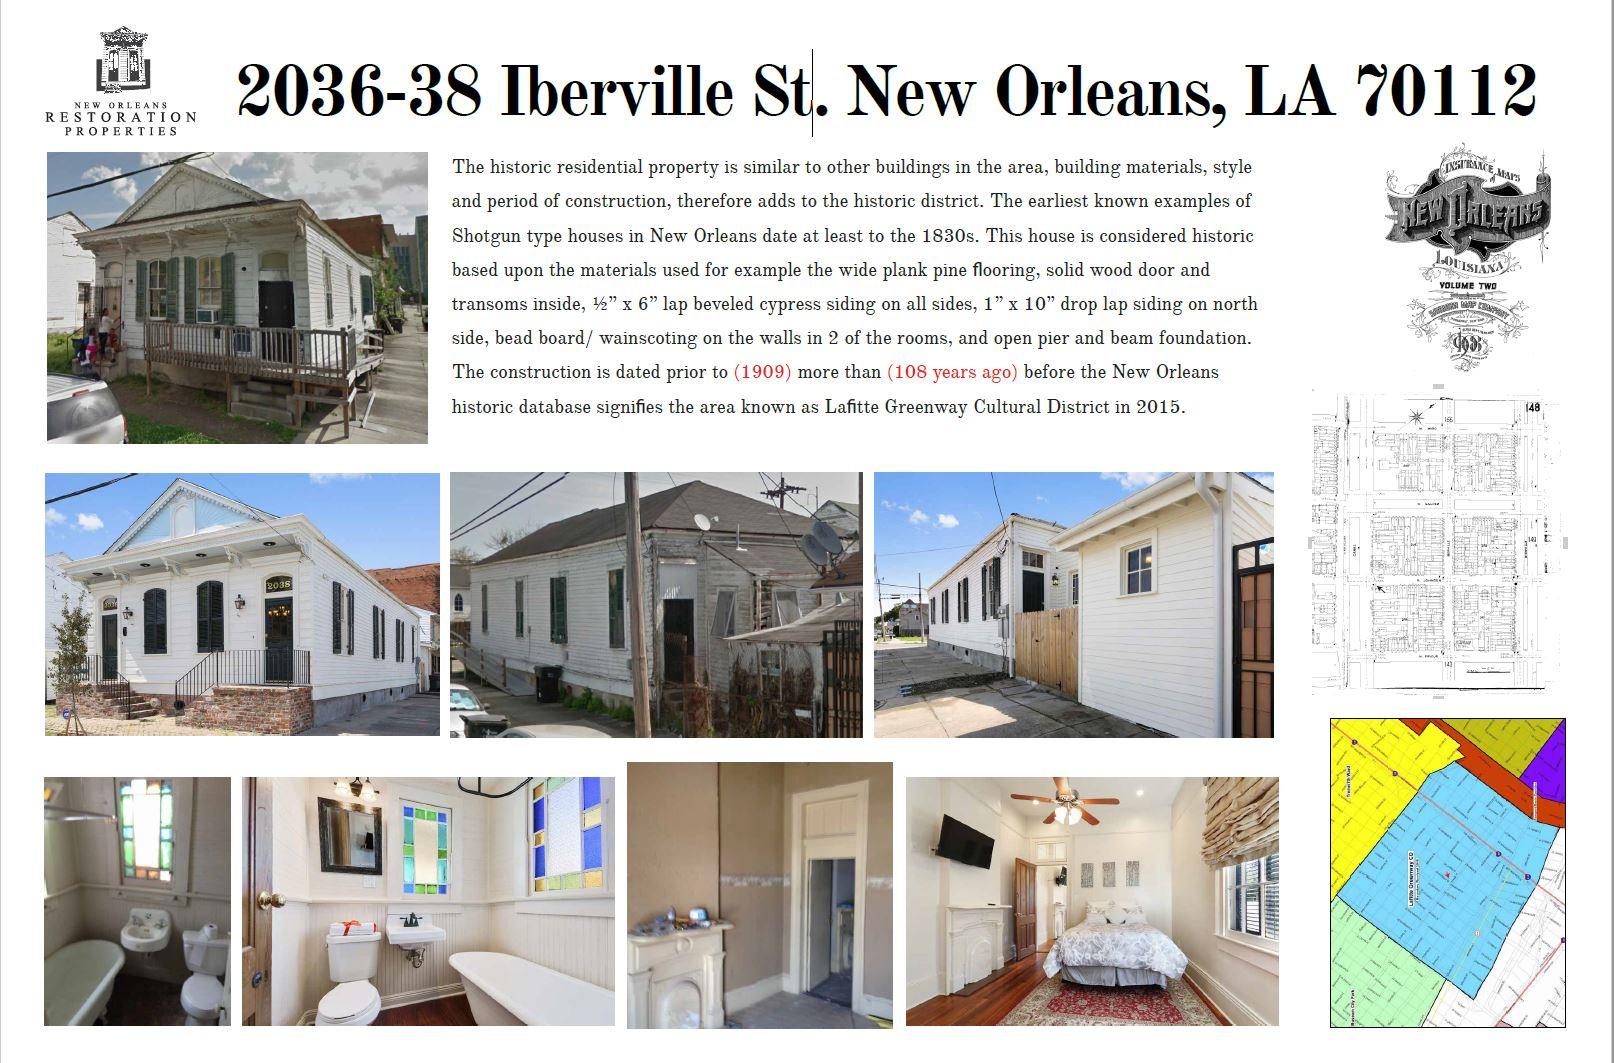 2036-38 Iberville St